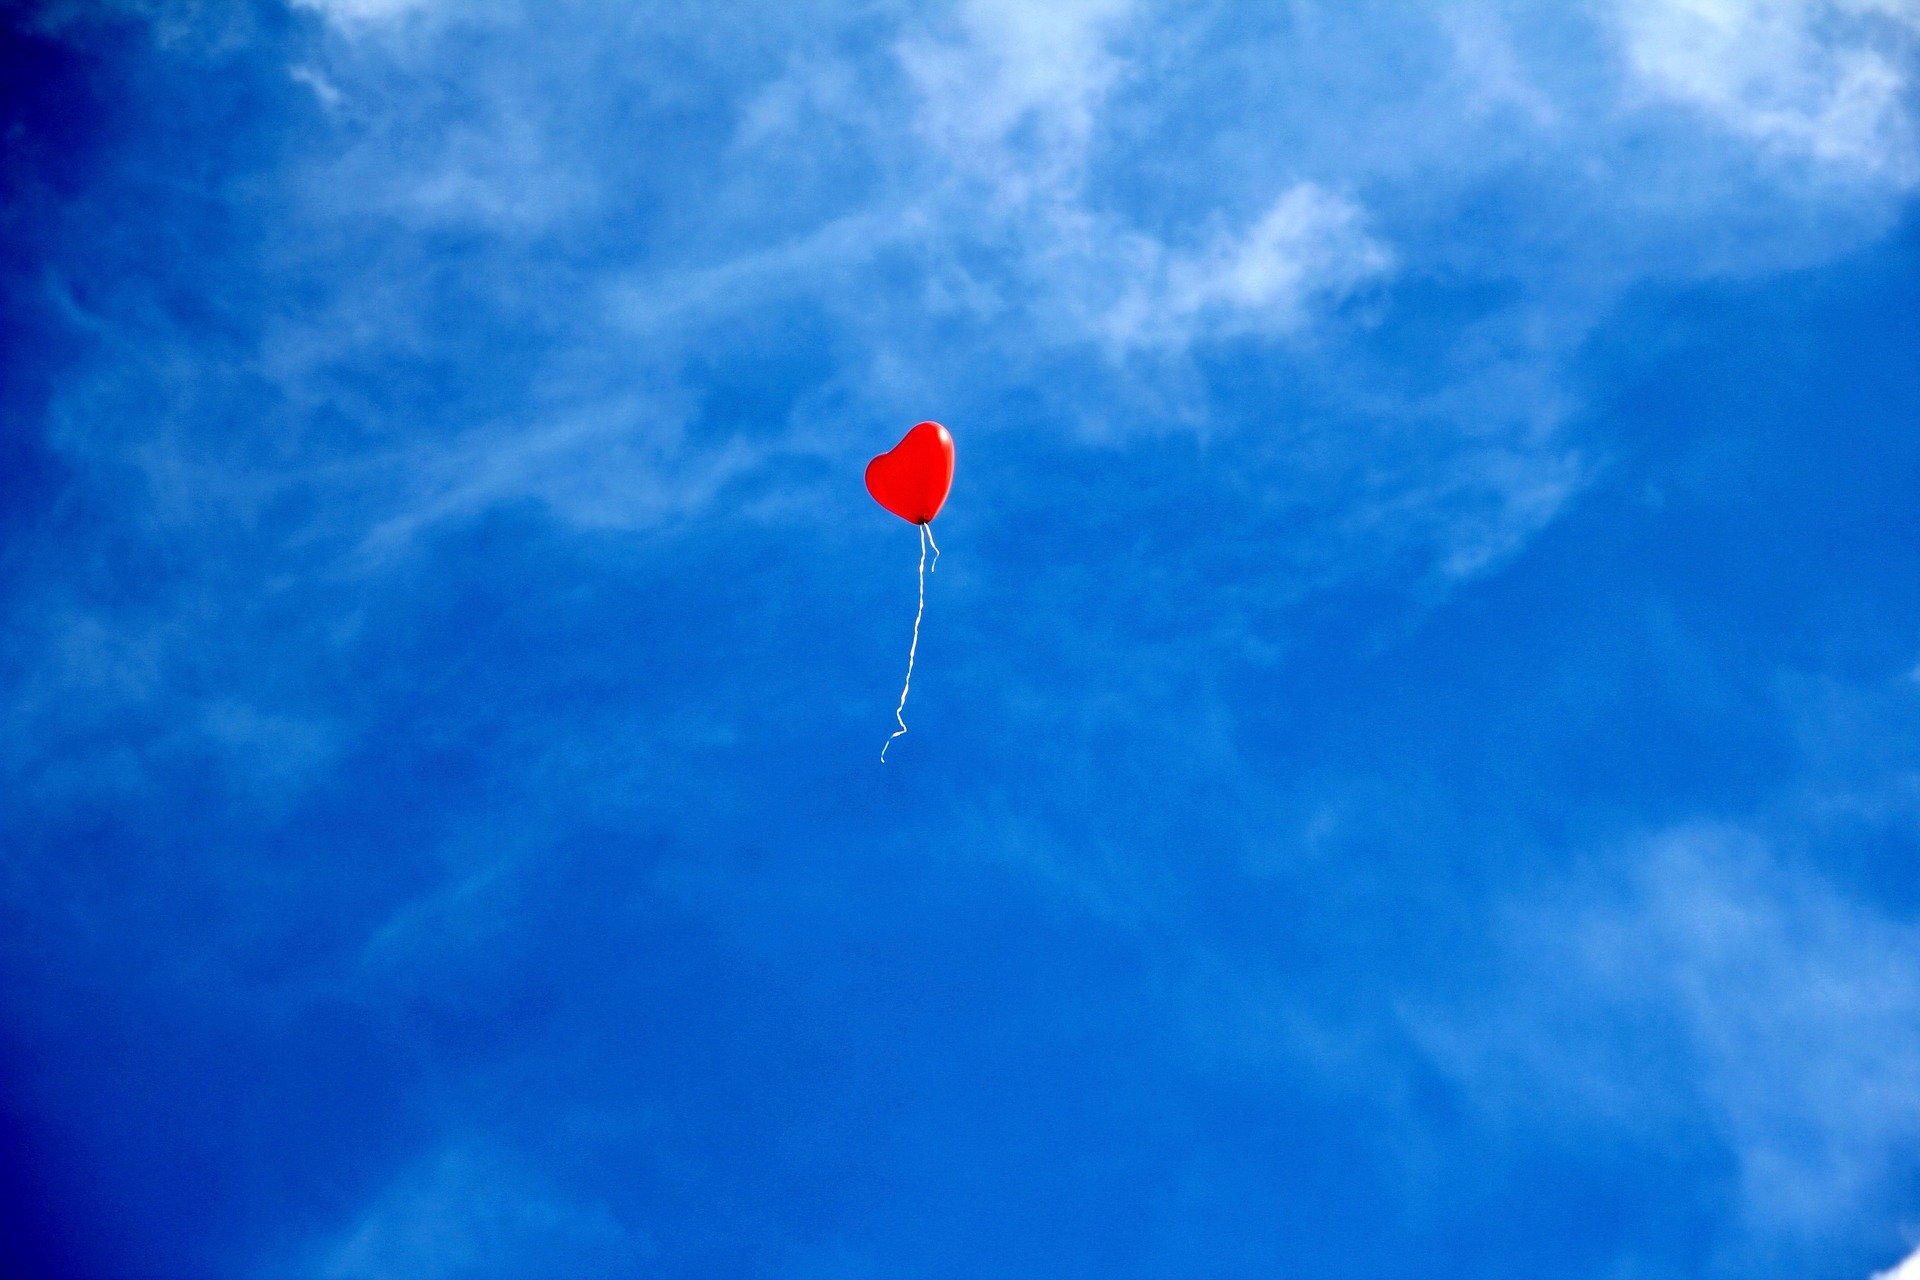 balloon-1046693_1920